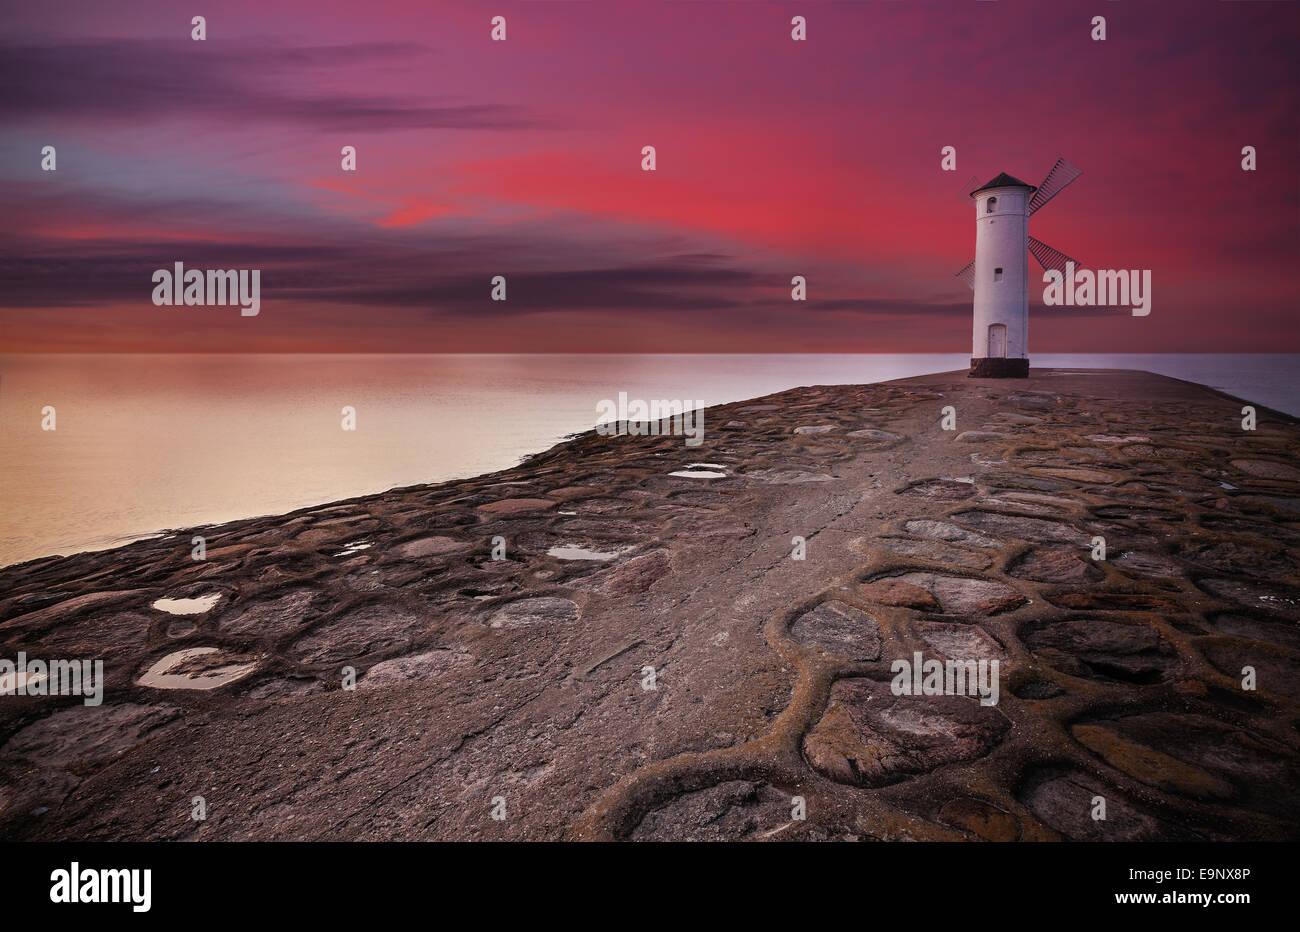 Leuchtturm-Windmühle mit dramatischen Sonnenuntergang Himmel. Stockbild